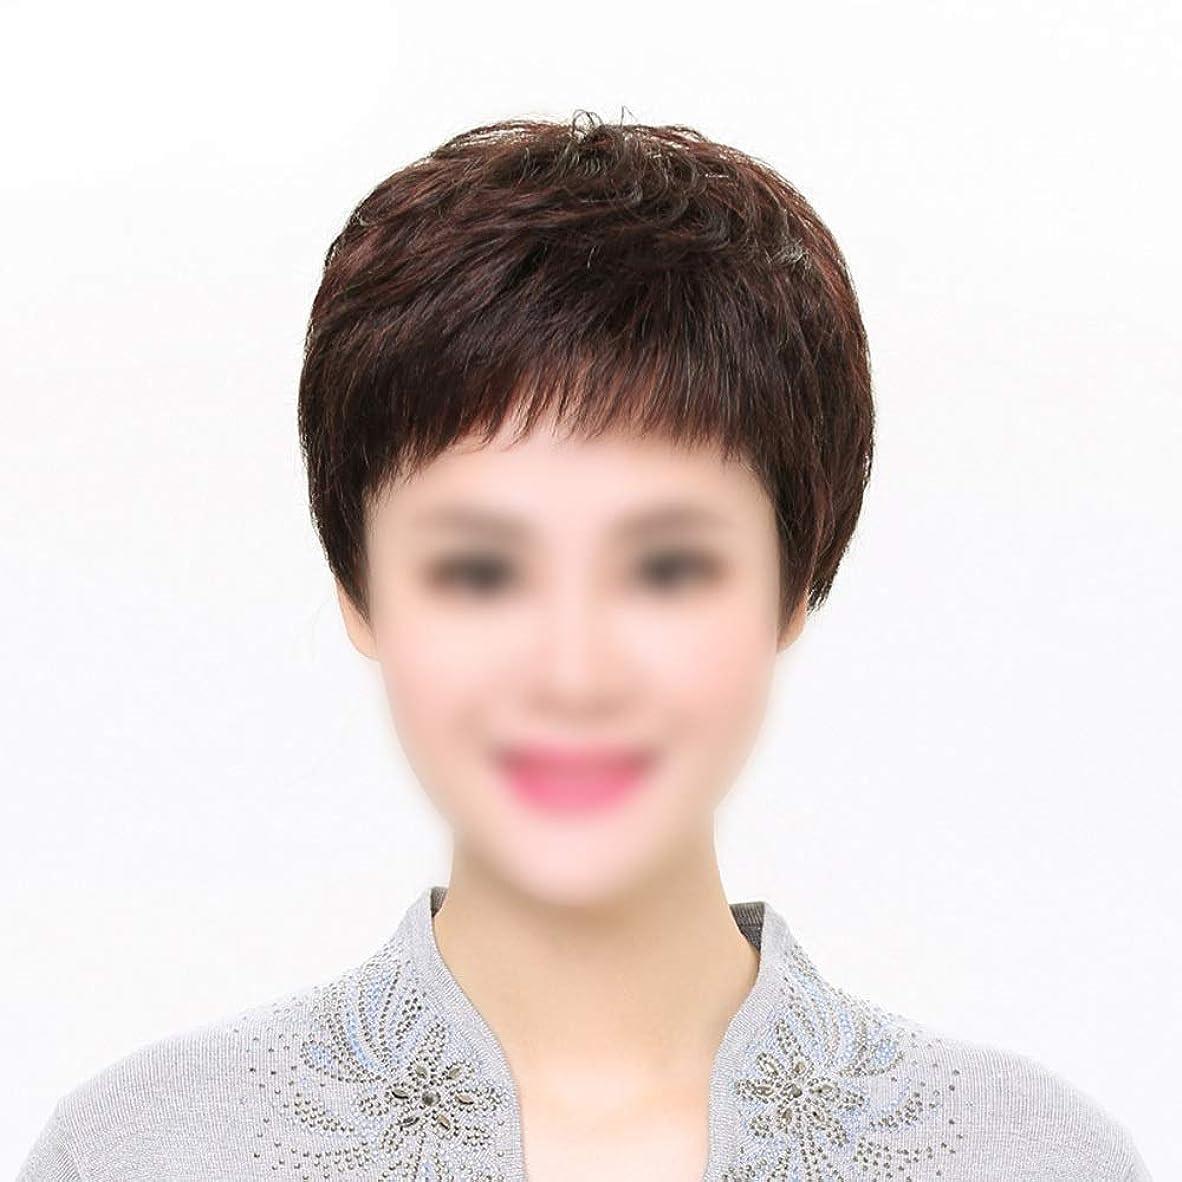 近代化拮抗変形YAHONGOE 100%本物の人間の髪の毛の自由な部分短い前髪付きかつら人間の髪の毛のかつら女性のファッションのかつら (色 : Dark brown, Edition : Hand-woven heart)